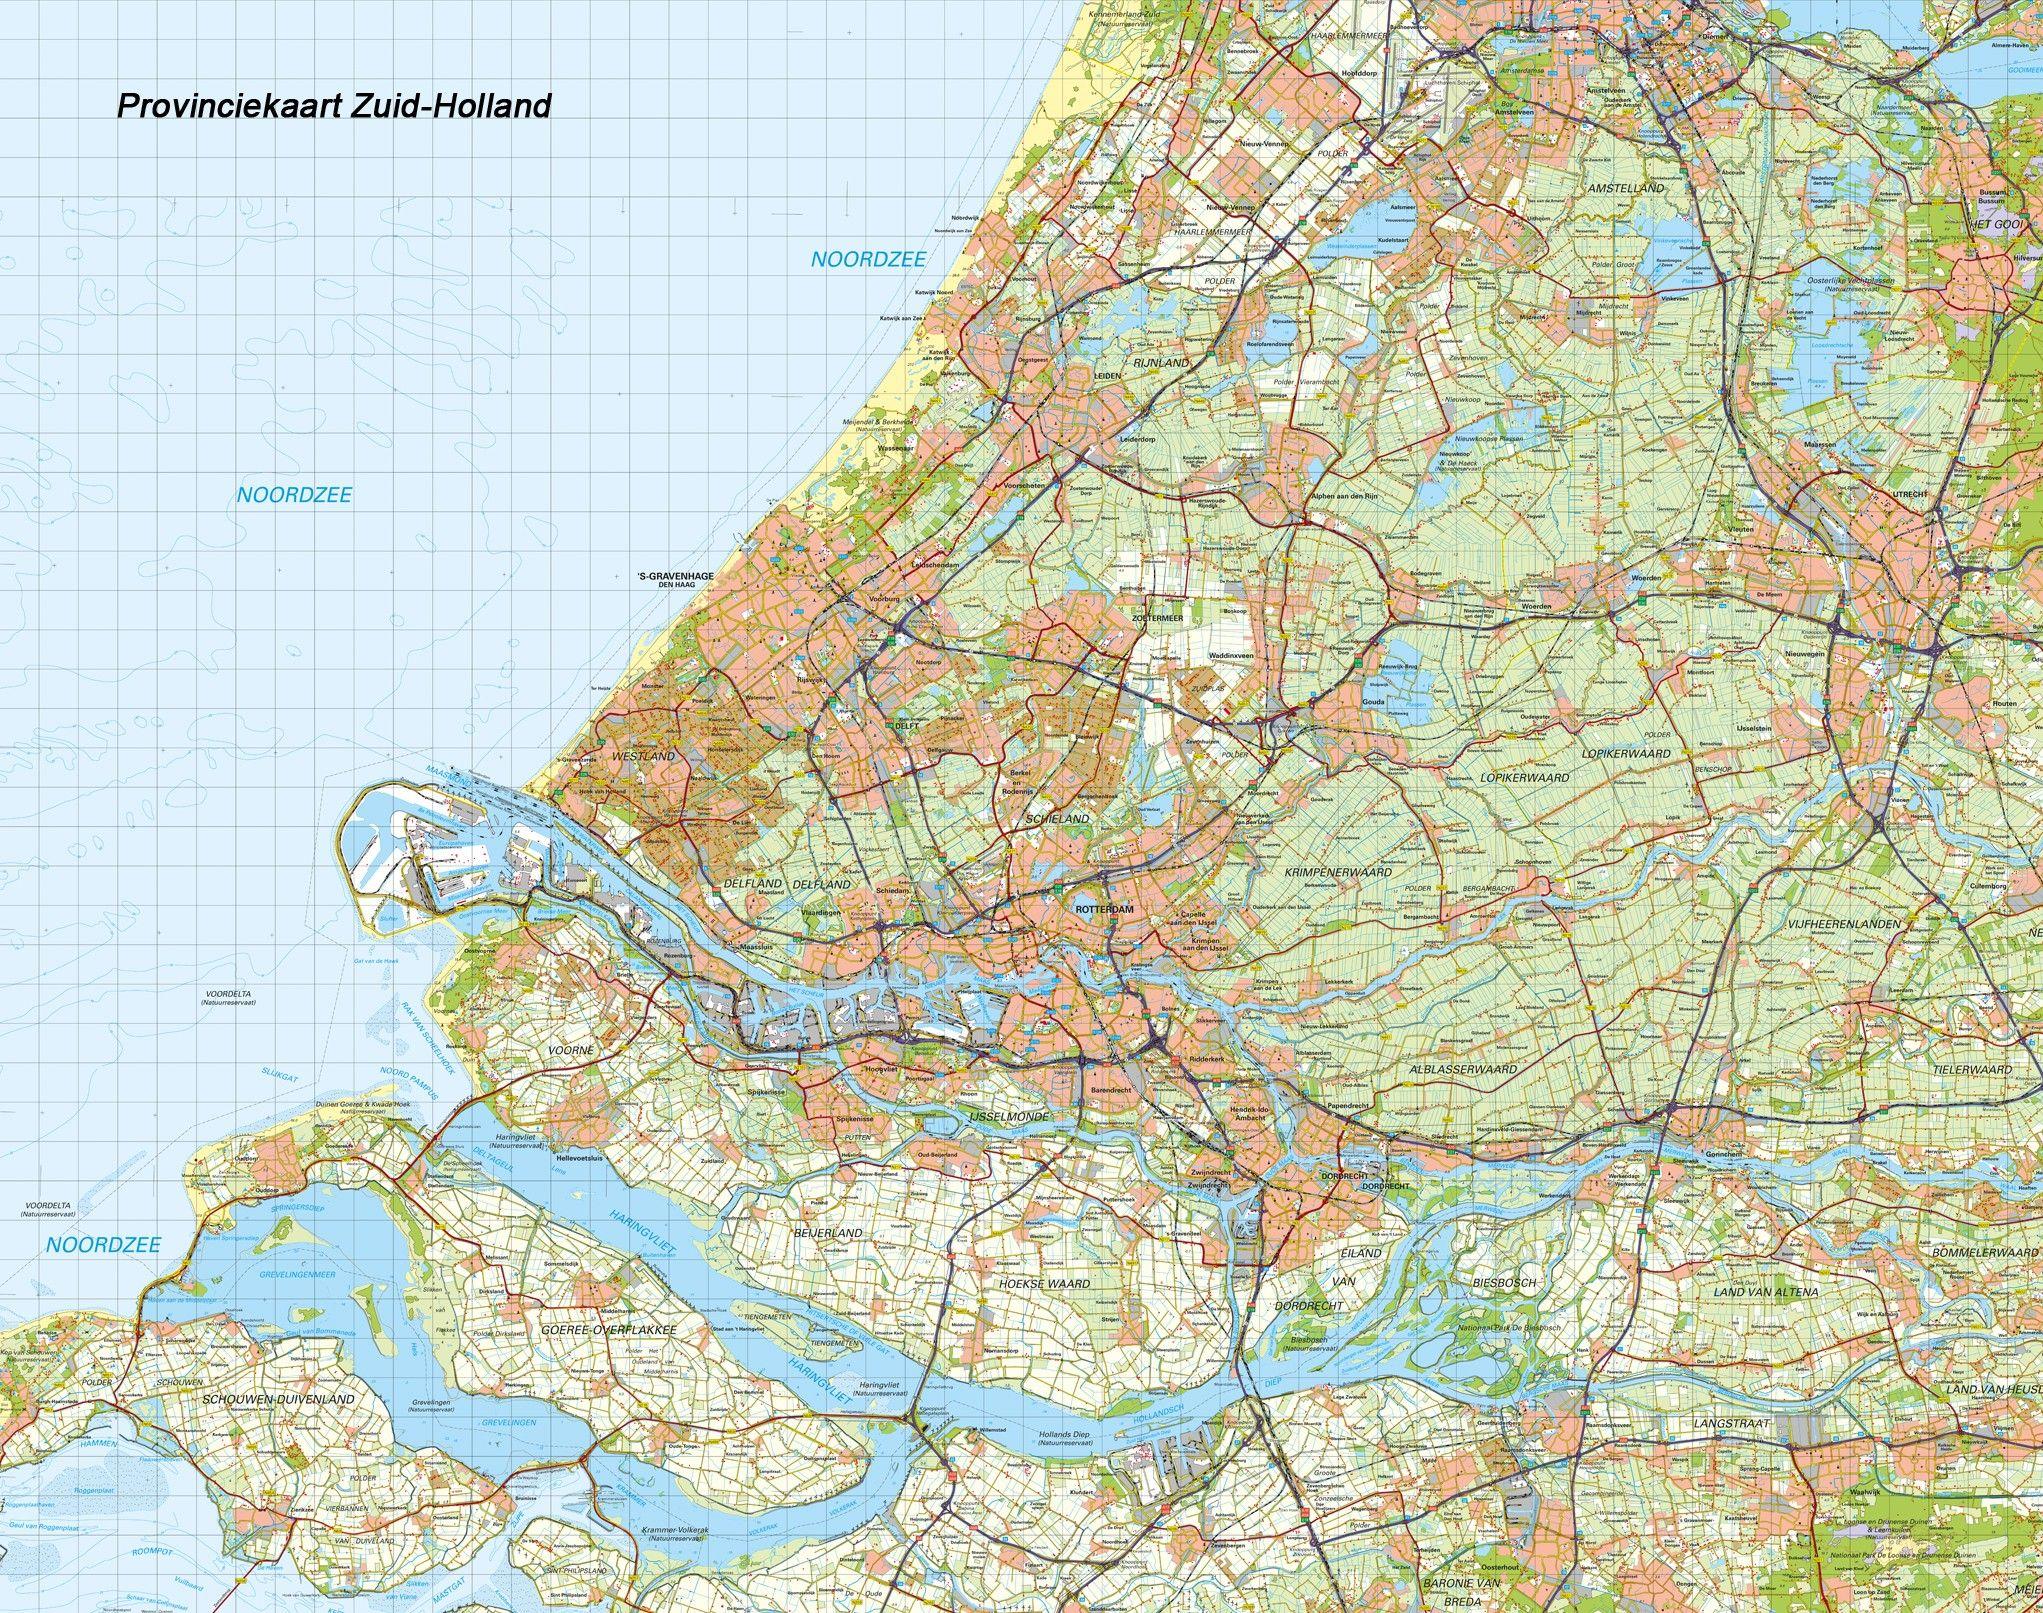 Topografische Provincie kaart Zuid-Holland 1:100.000